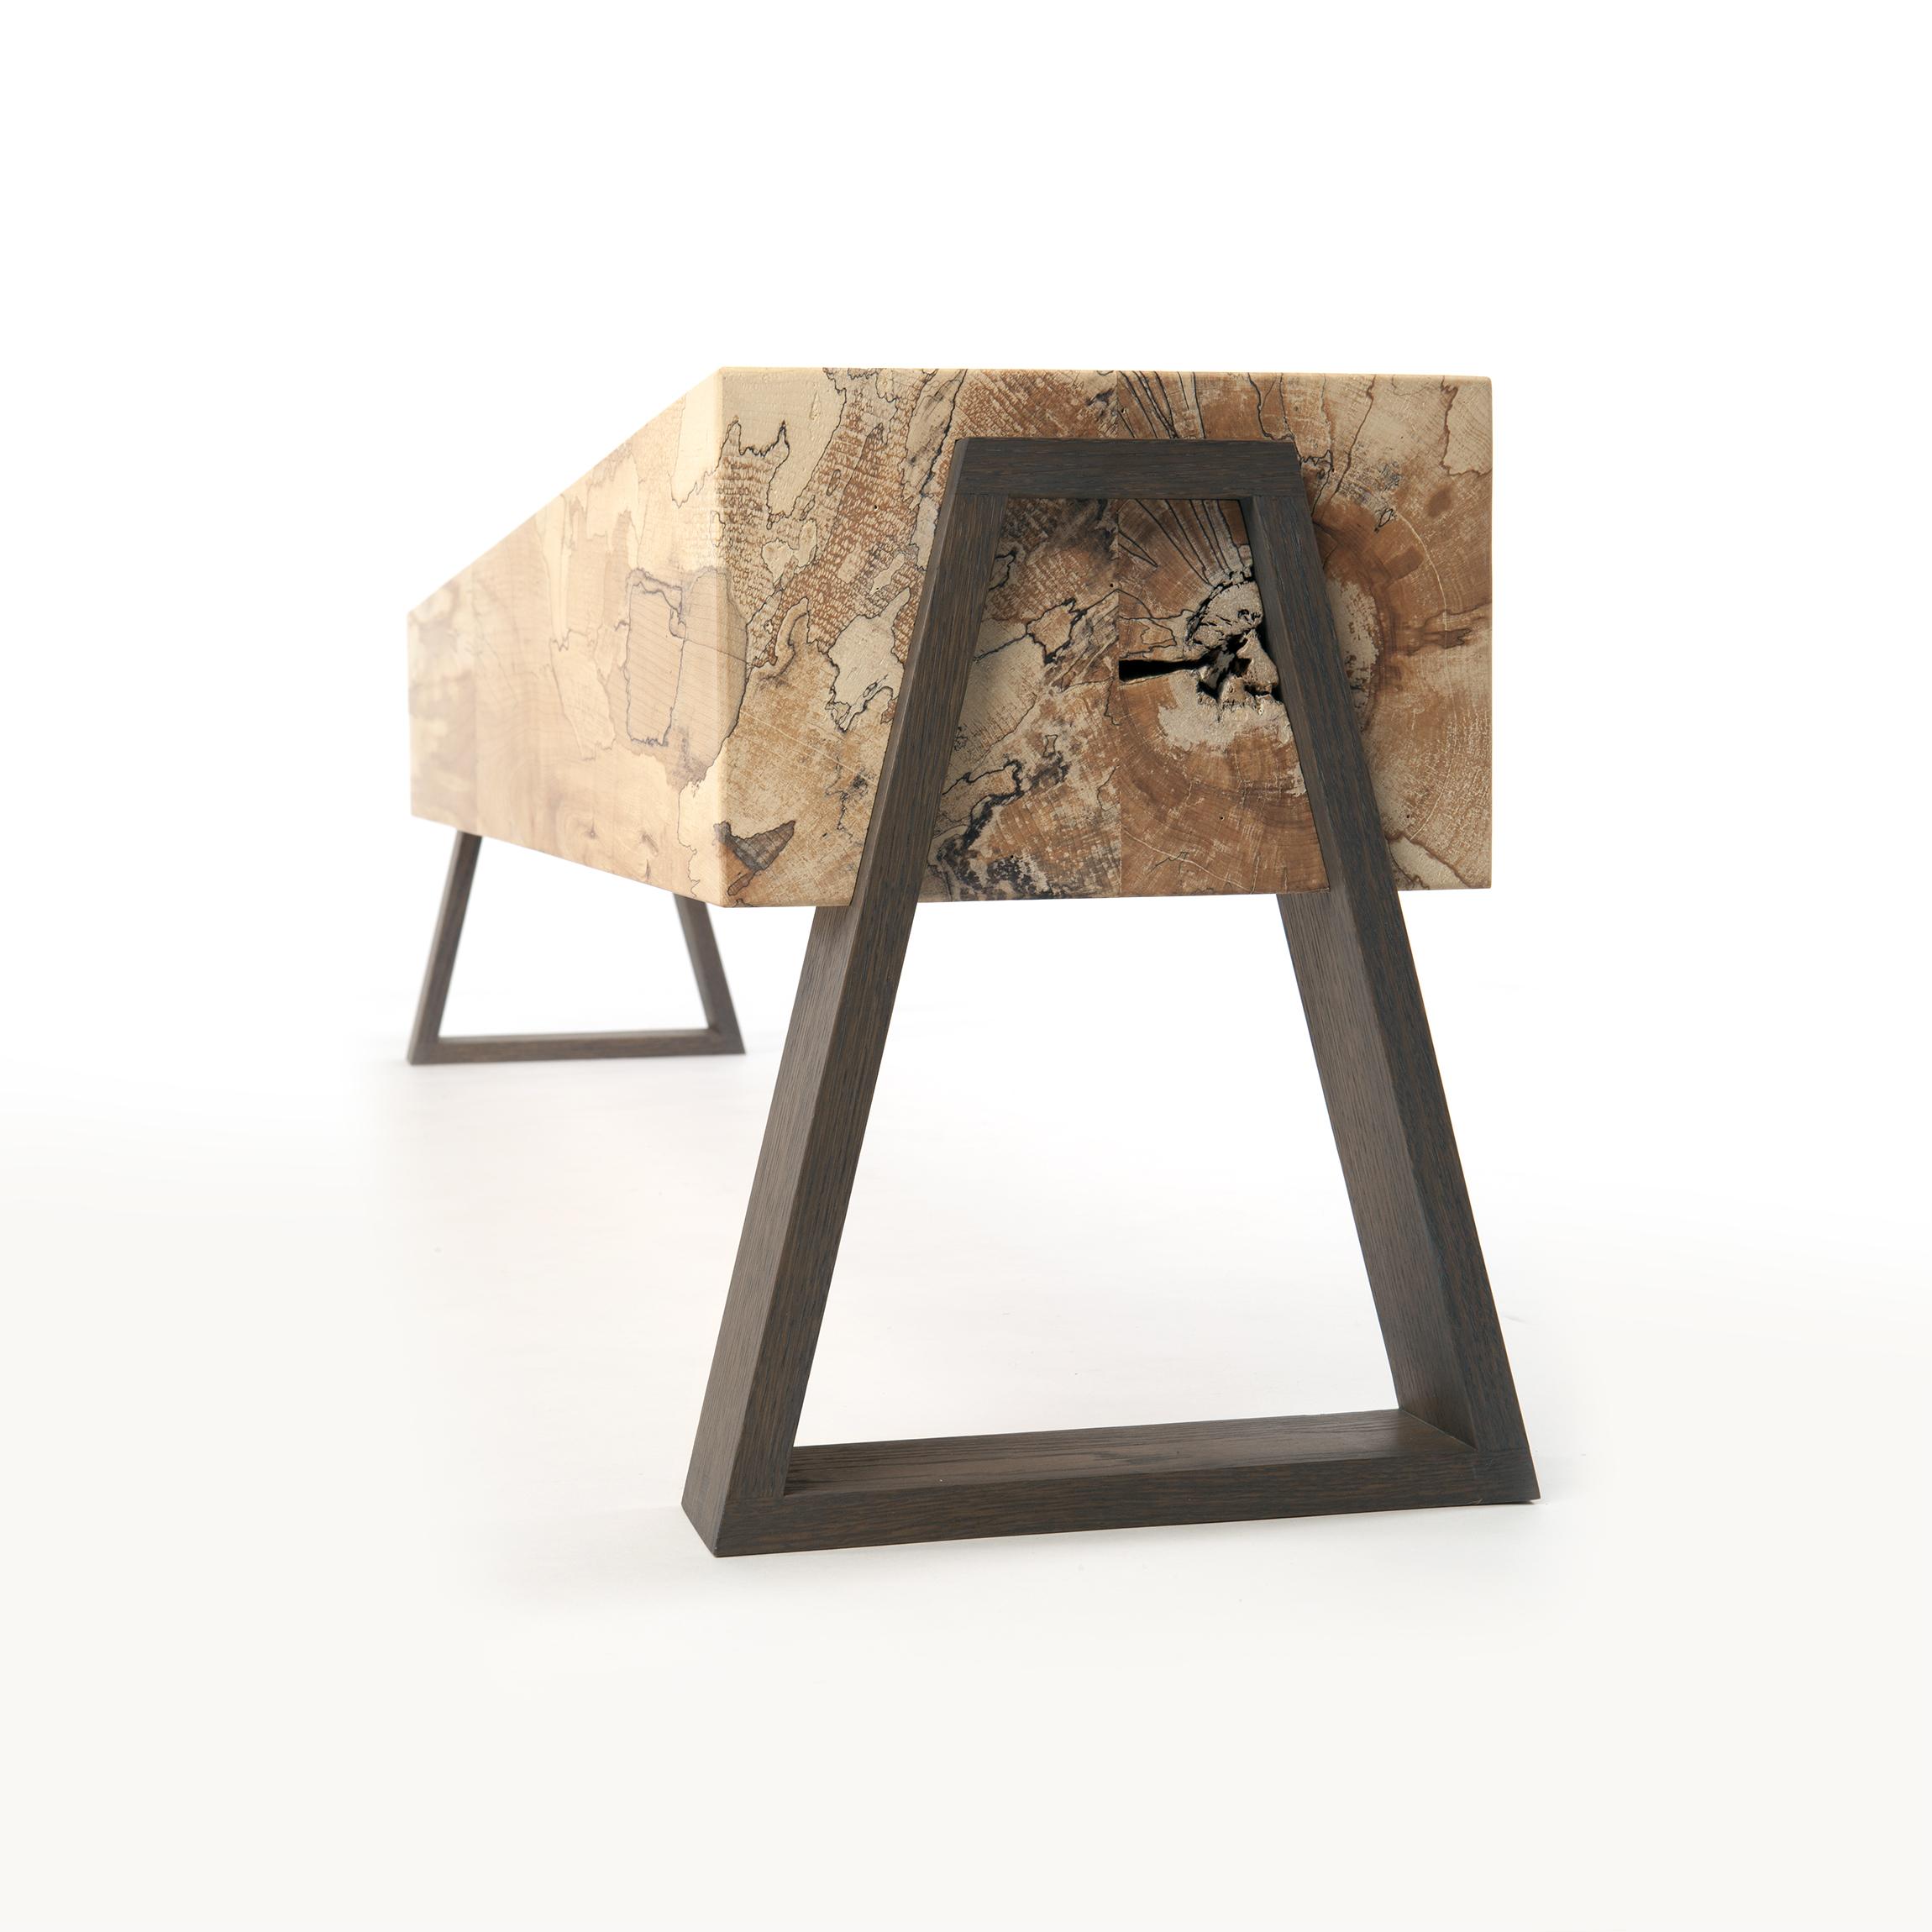 dovetail-bench-maple.jpg